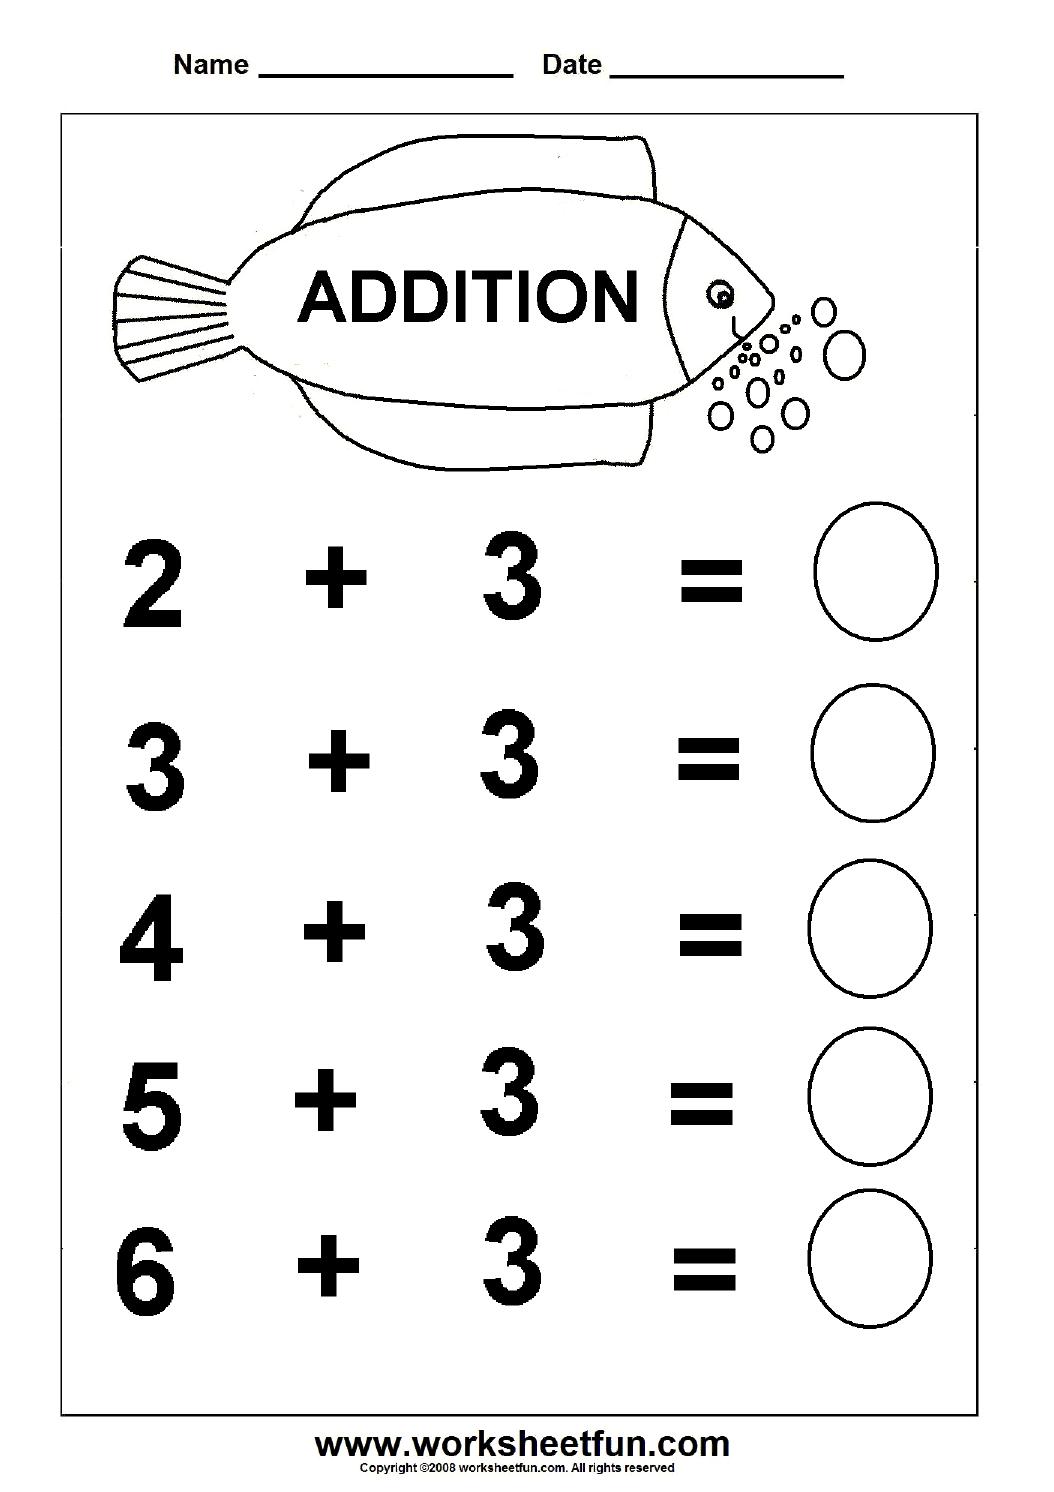 Picture Addition Worksheets Kindergarten